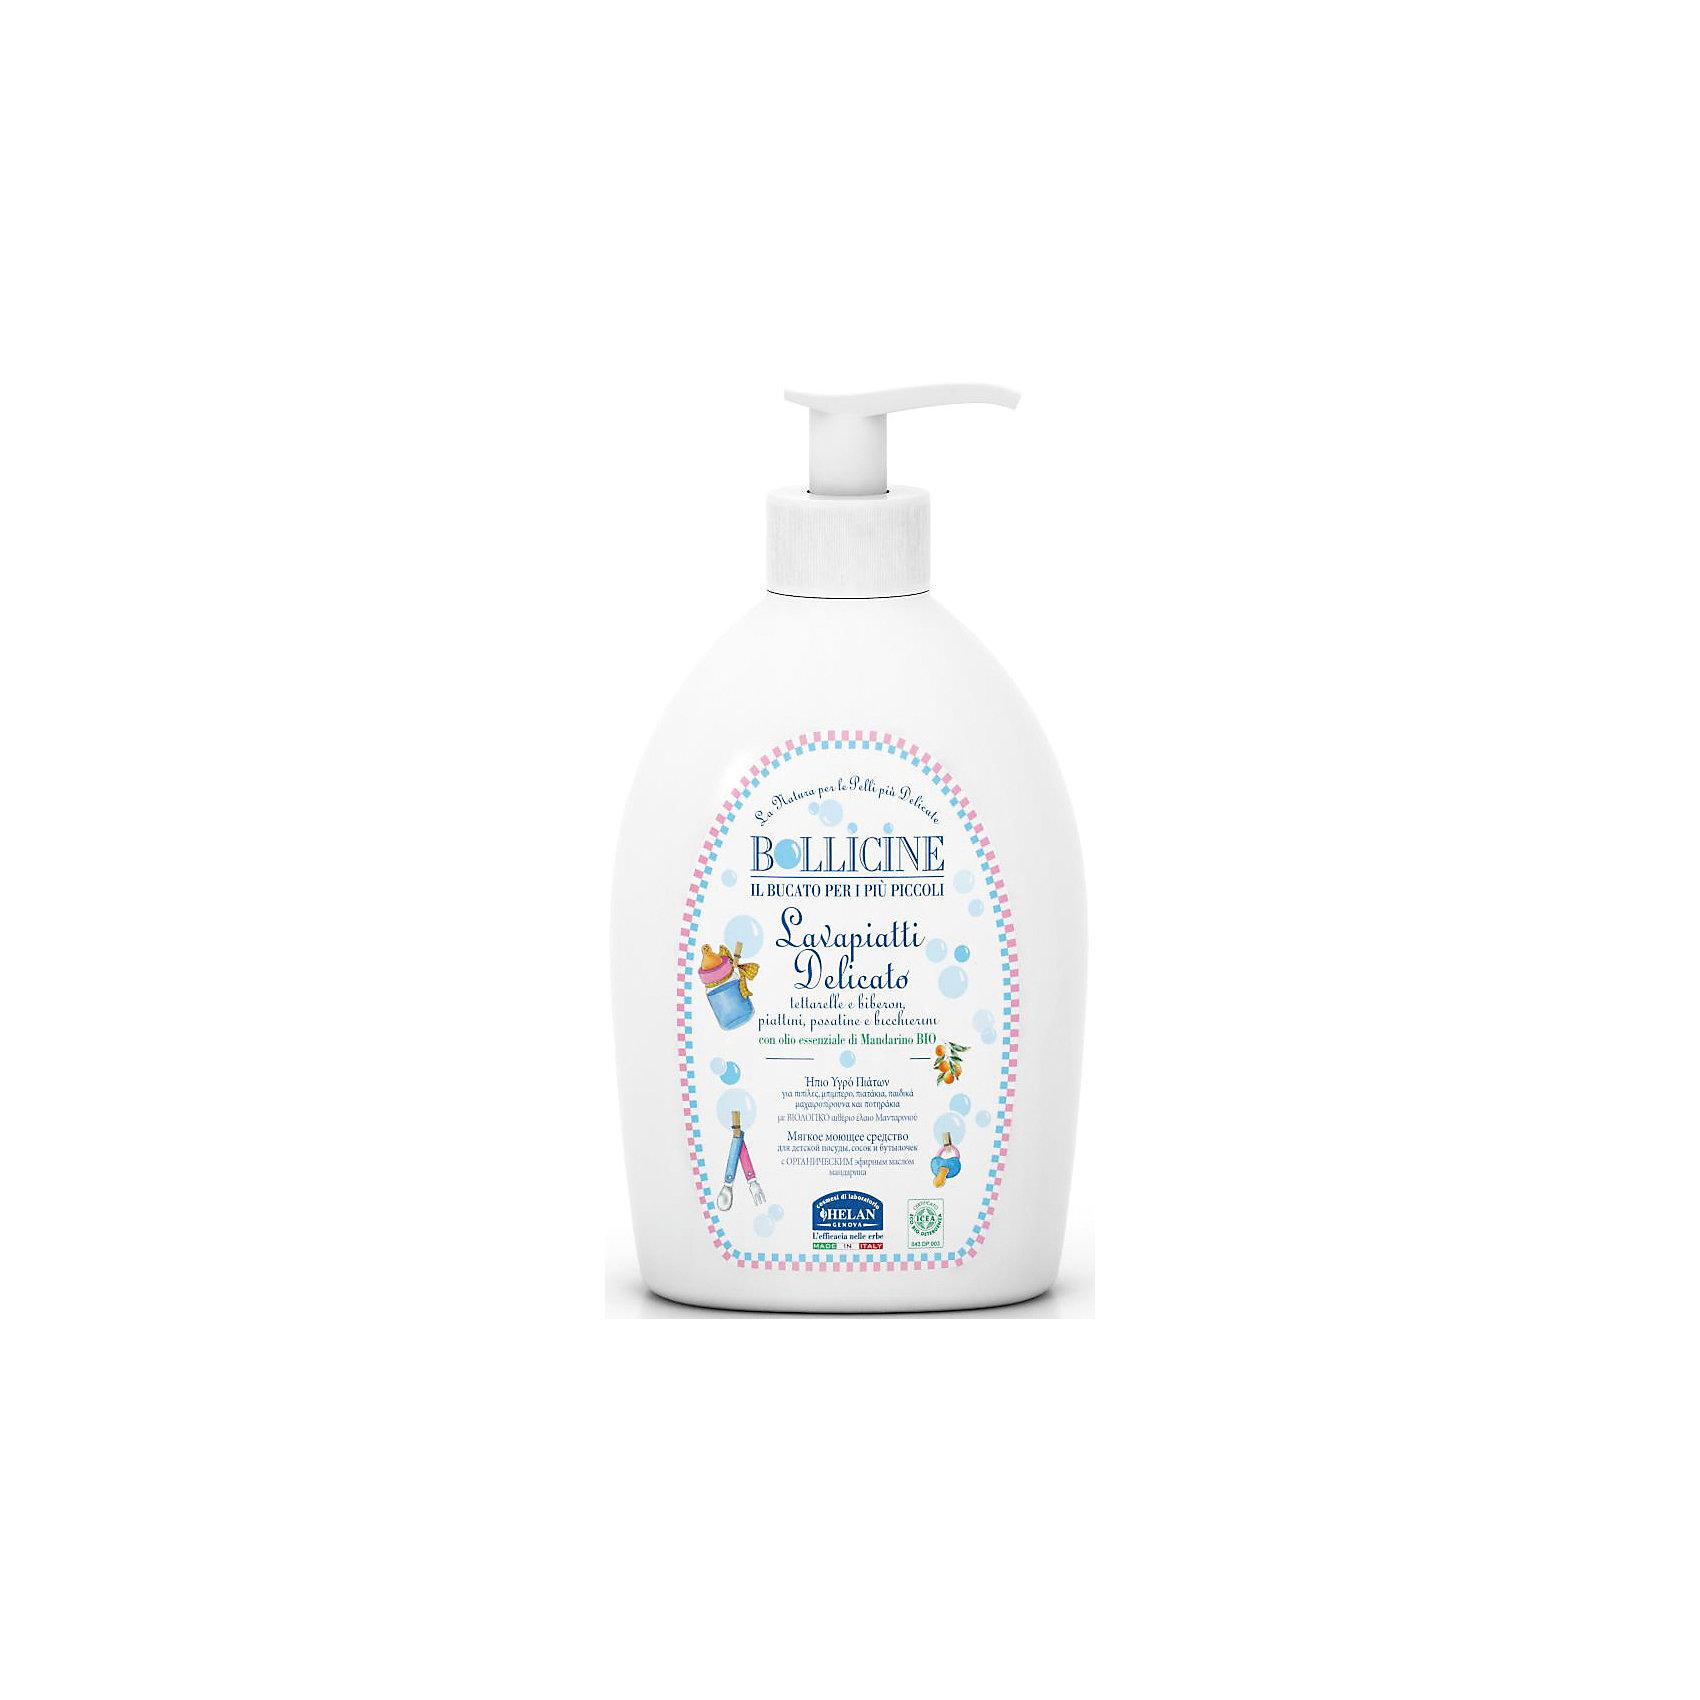 Средство натуральное для мытья детской посуды Bollicine, 500 мл., HELAN (Helan)